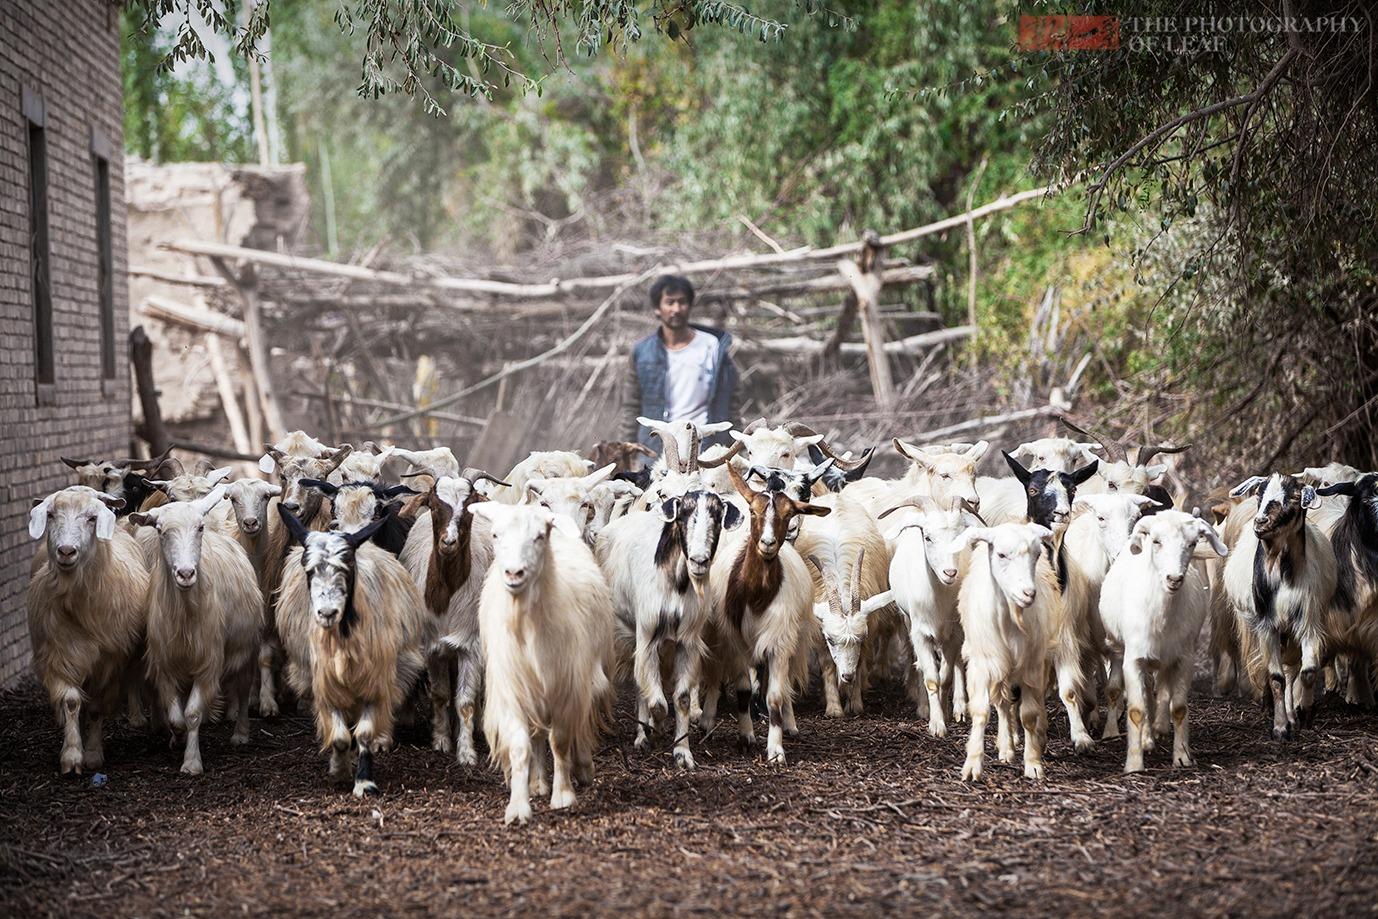 新疆羊肉好吃关键是羊的品种,羊中超级贵族刀郎羊,价格高的吓人